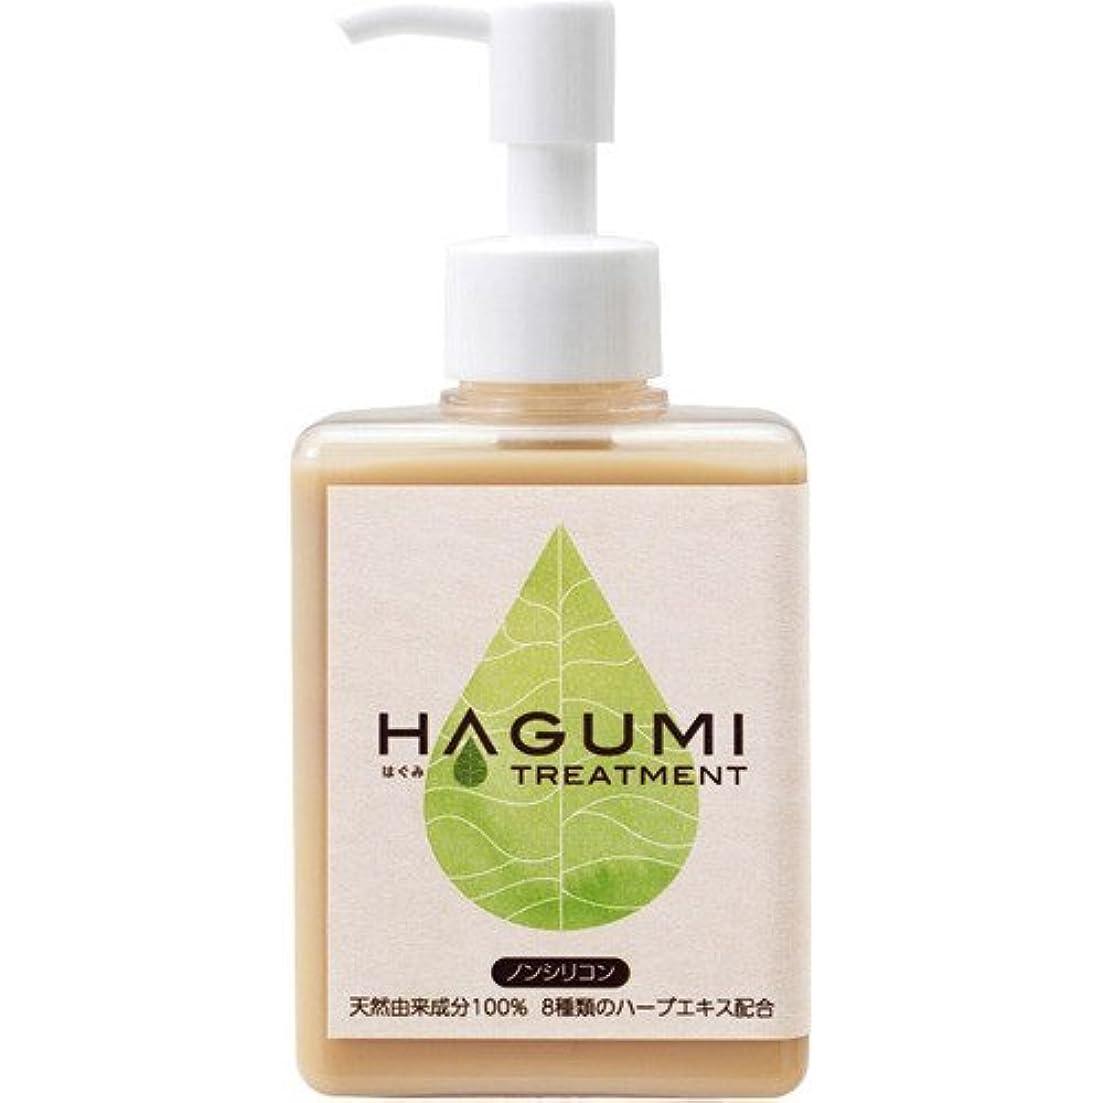 HAGUMI(ハグミ) トリートメント 200ml